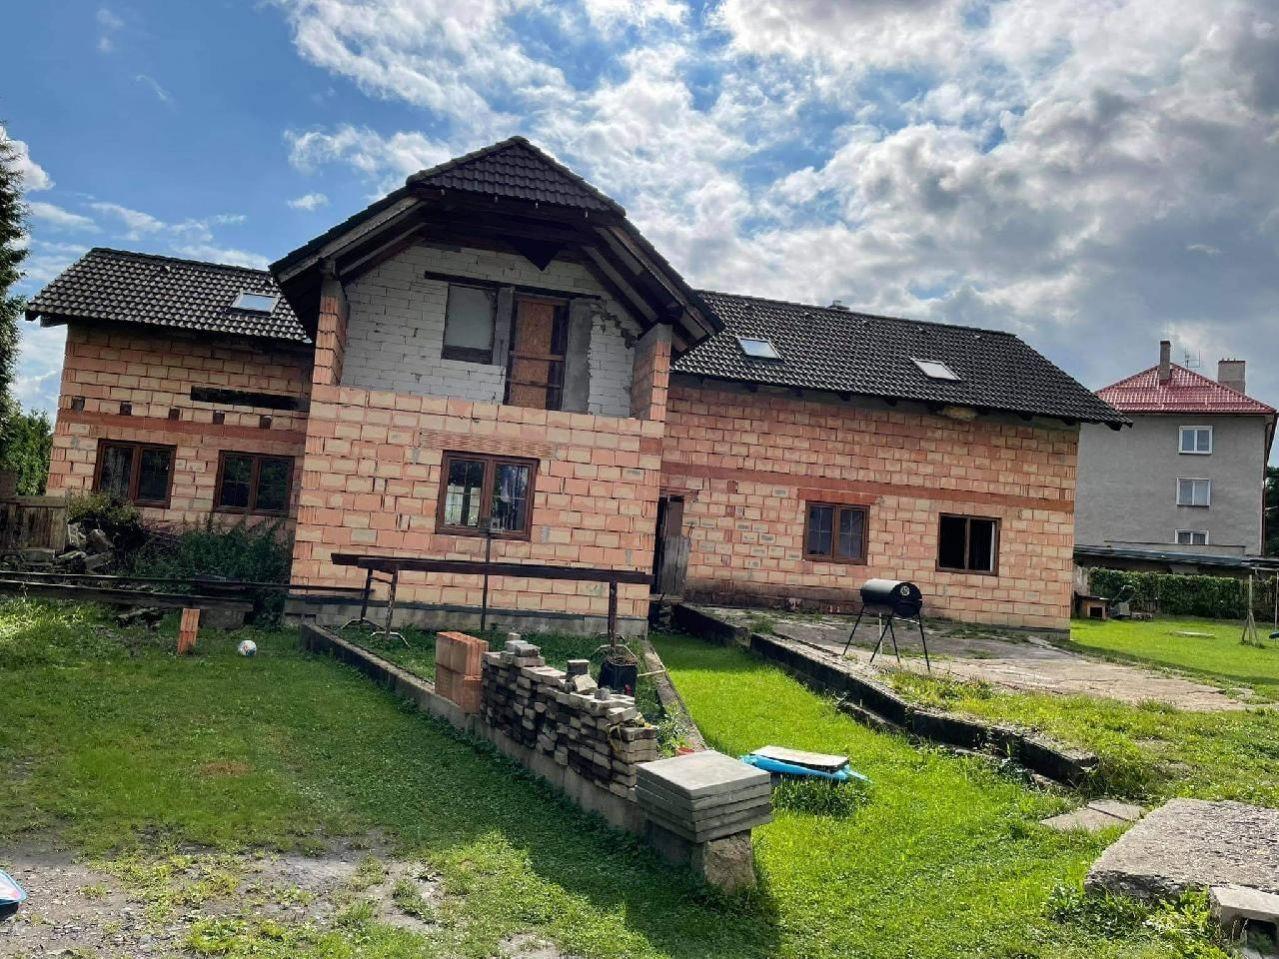 E-aukce rodinného domu, kat. území Arnultovice u Nového Boru, okres Česká Lípa